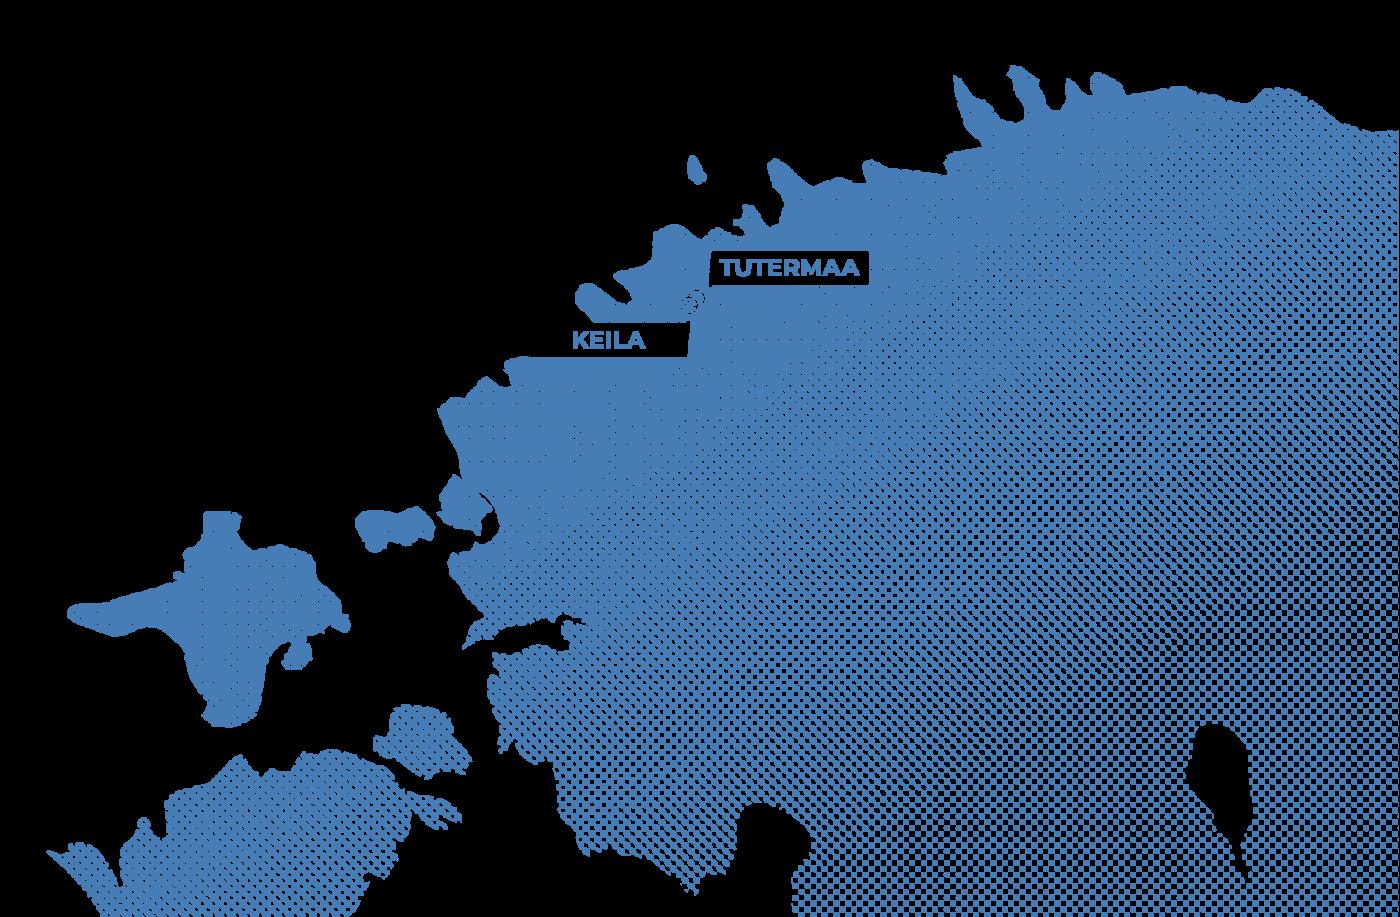 eesti-kaart-2